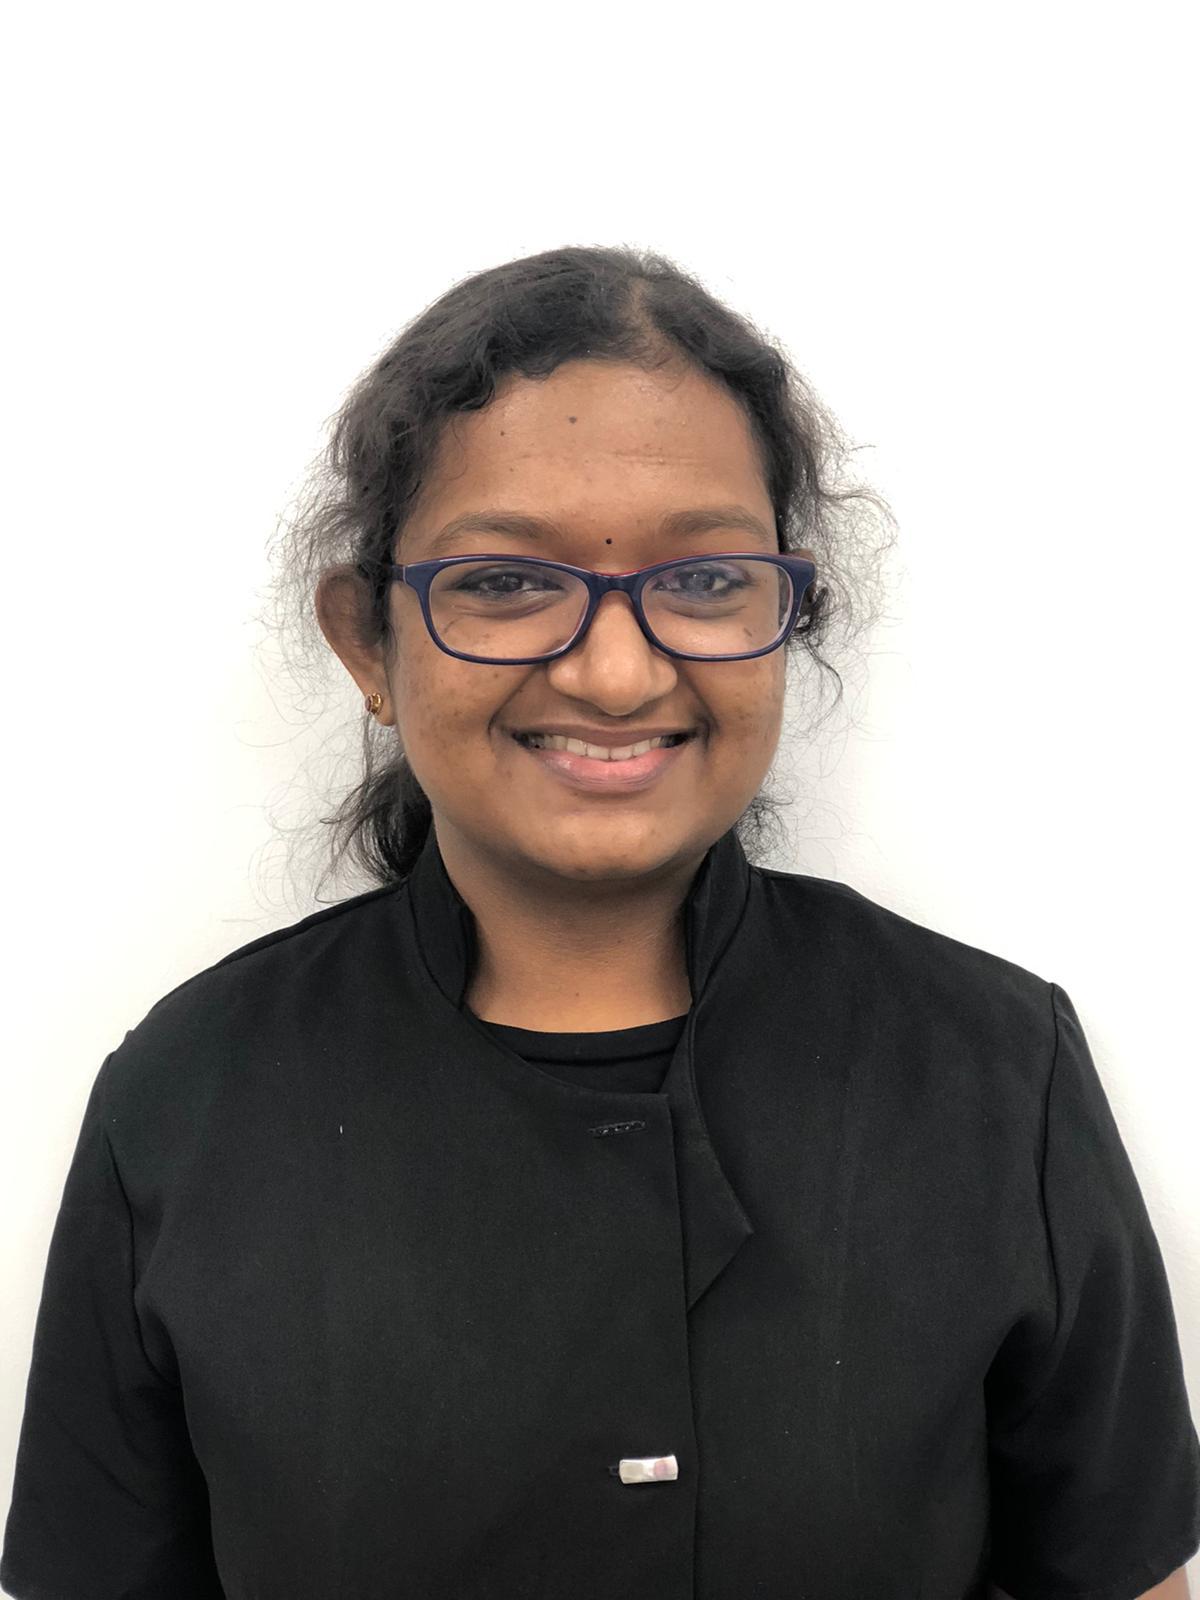 Nimisha Raghunatha Panicker Jalajamoni